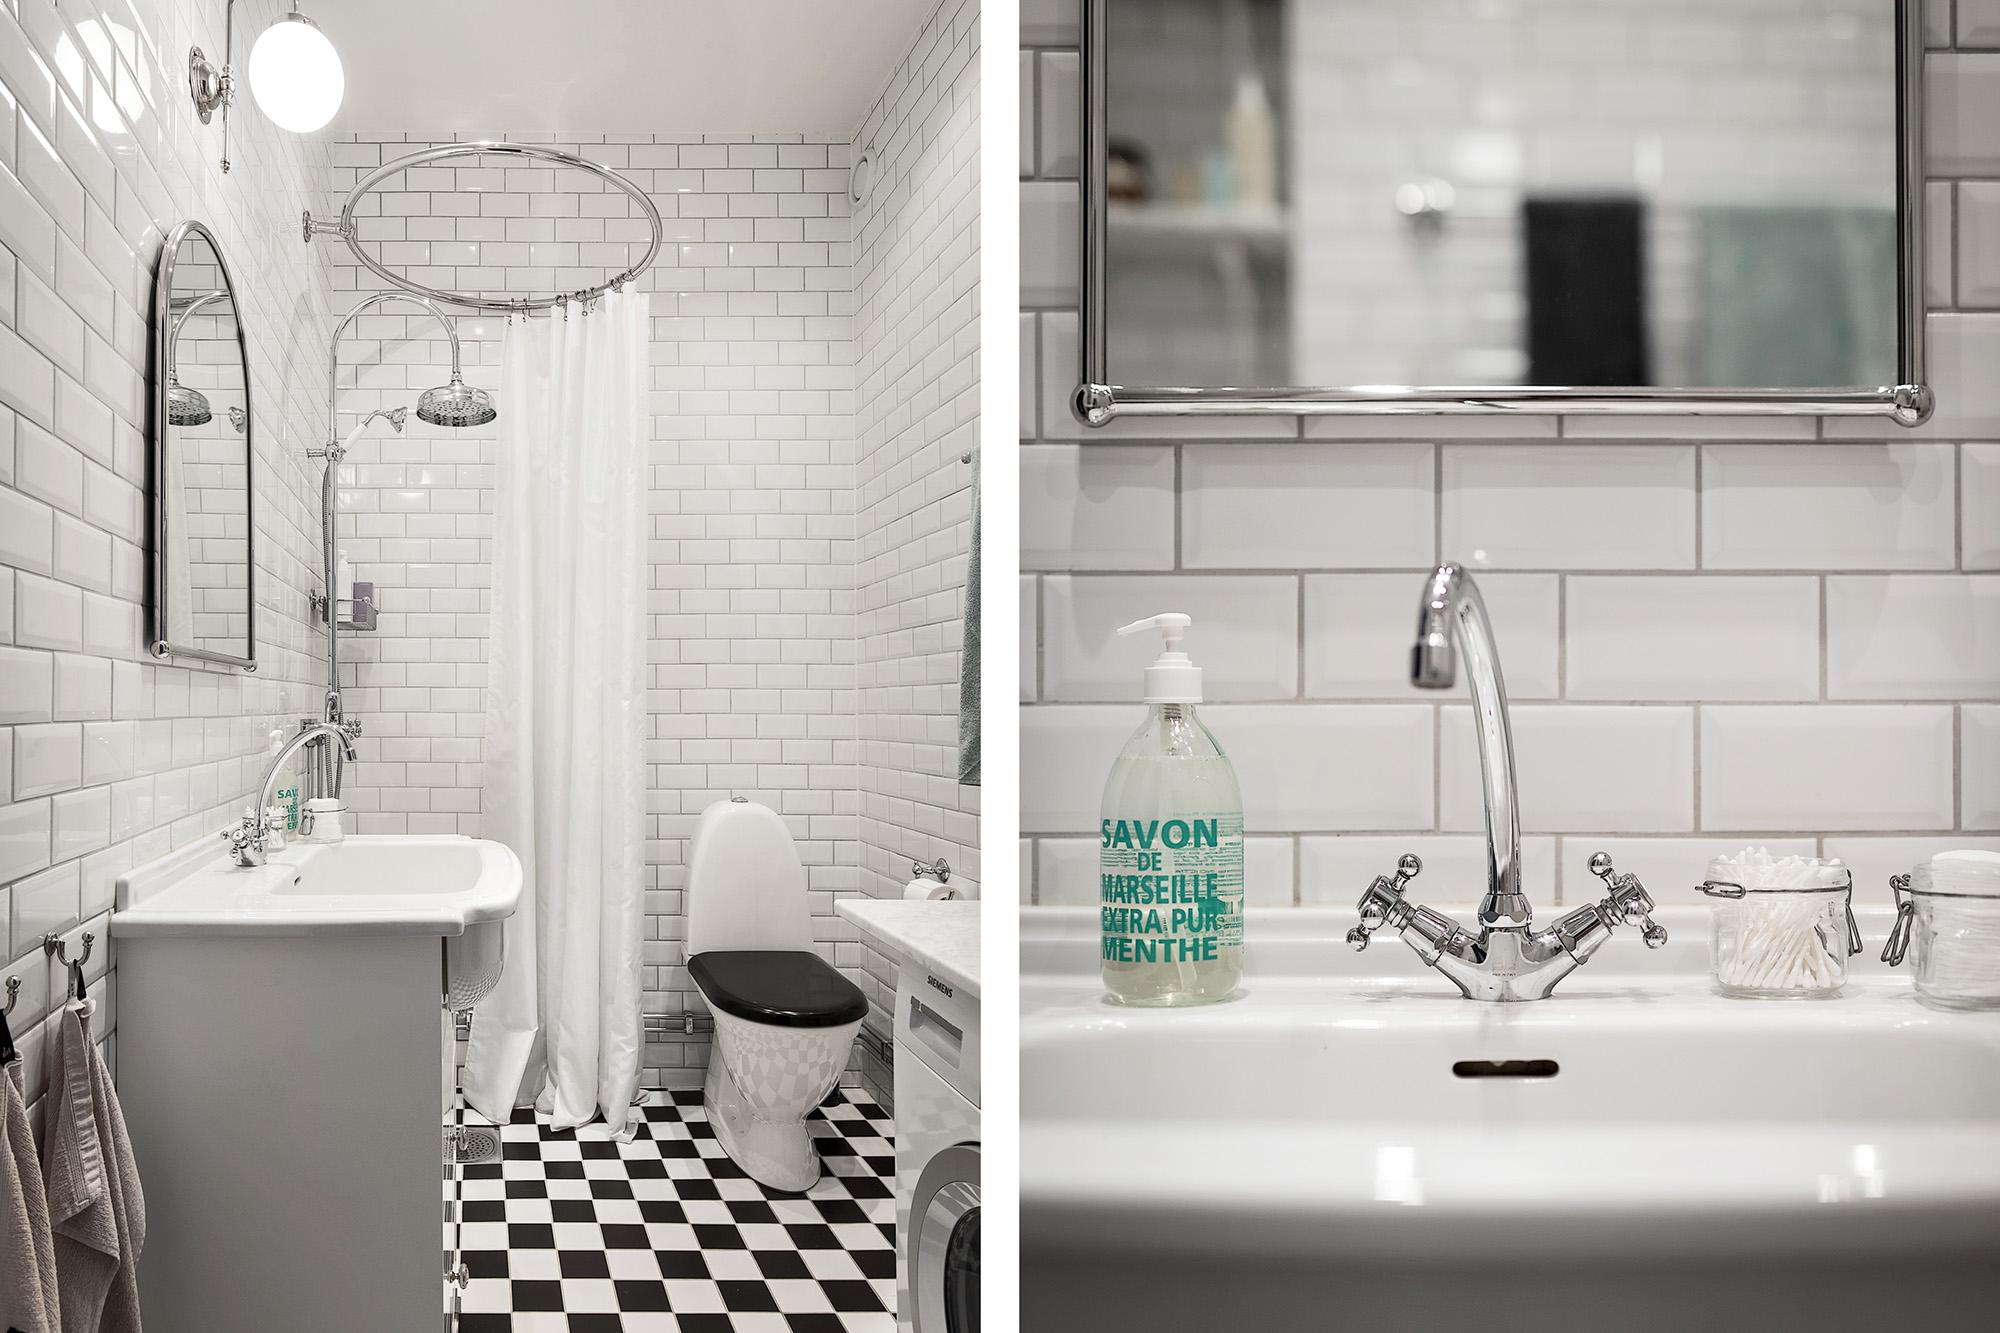 санузел душ раковина зеркало кран плитка